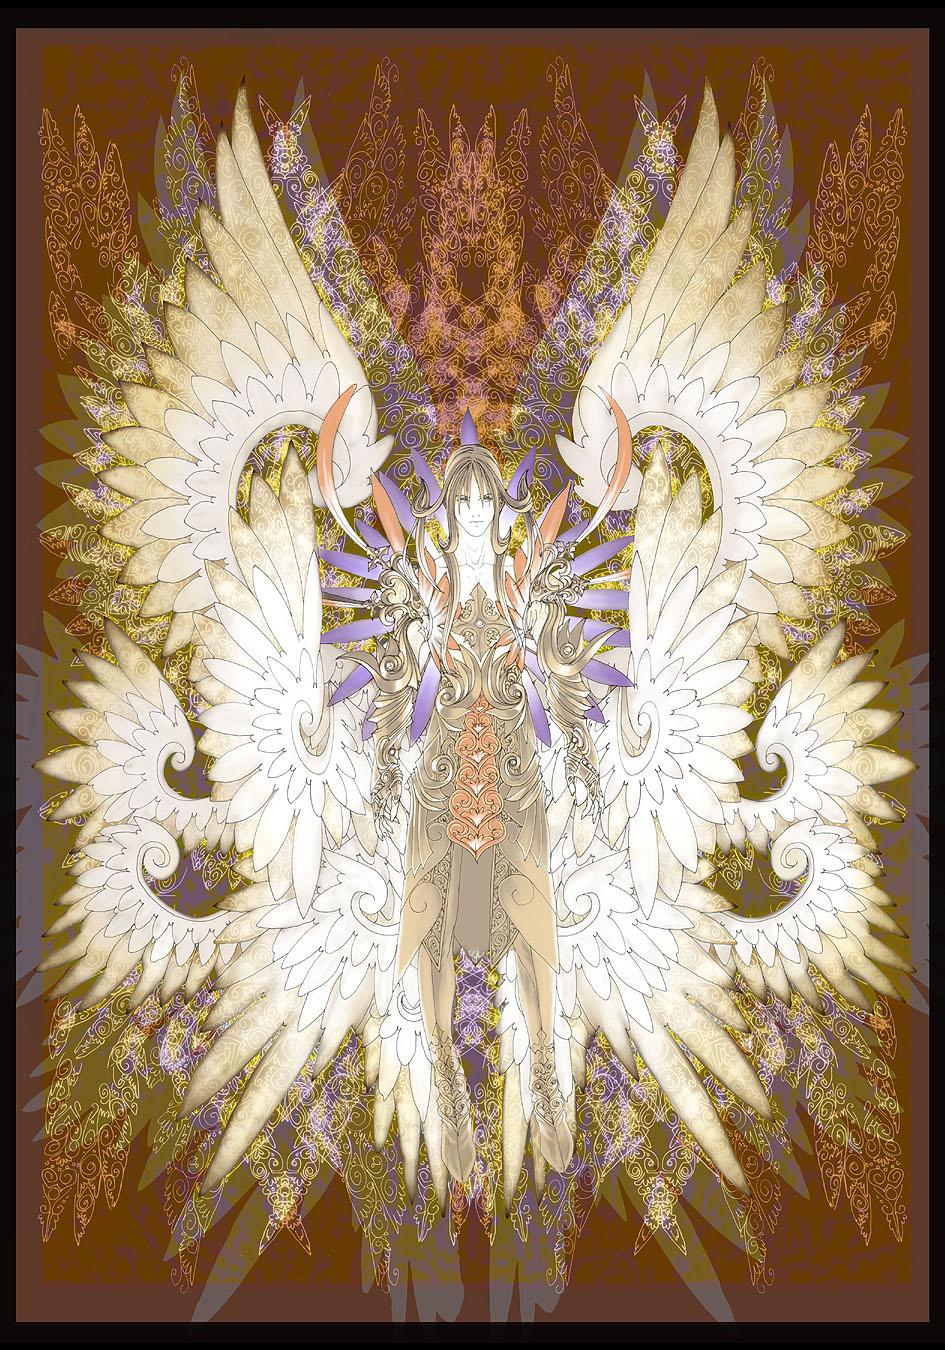 Eminent Radiance by Wen-M